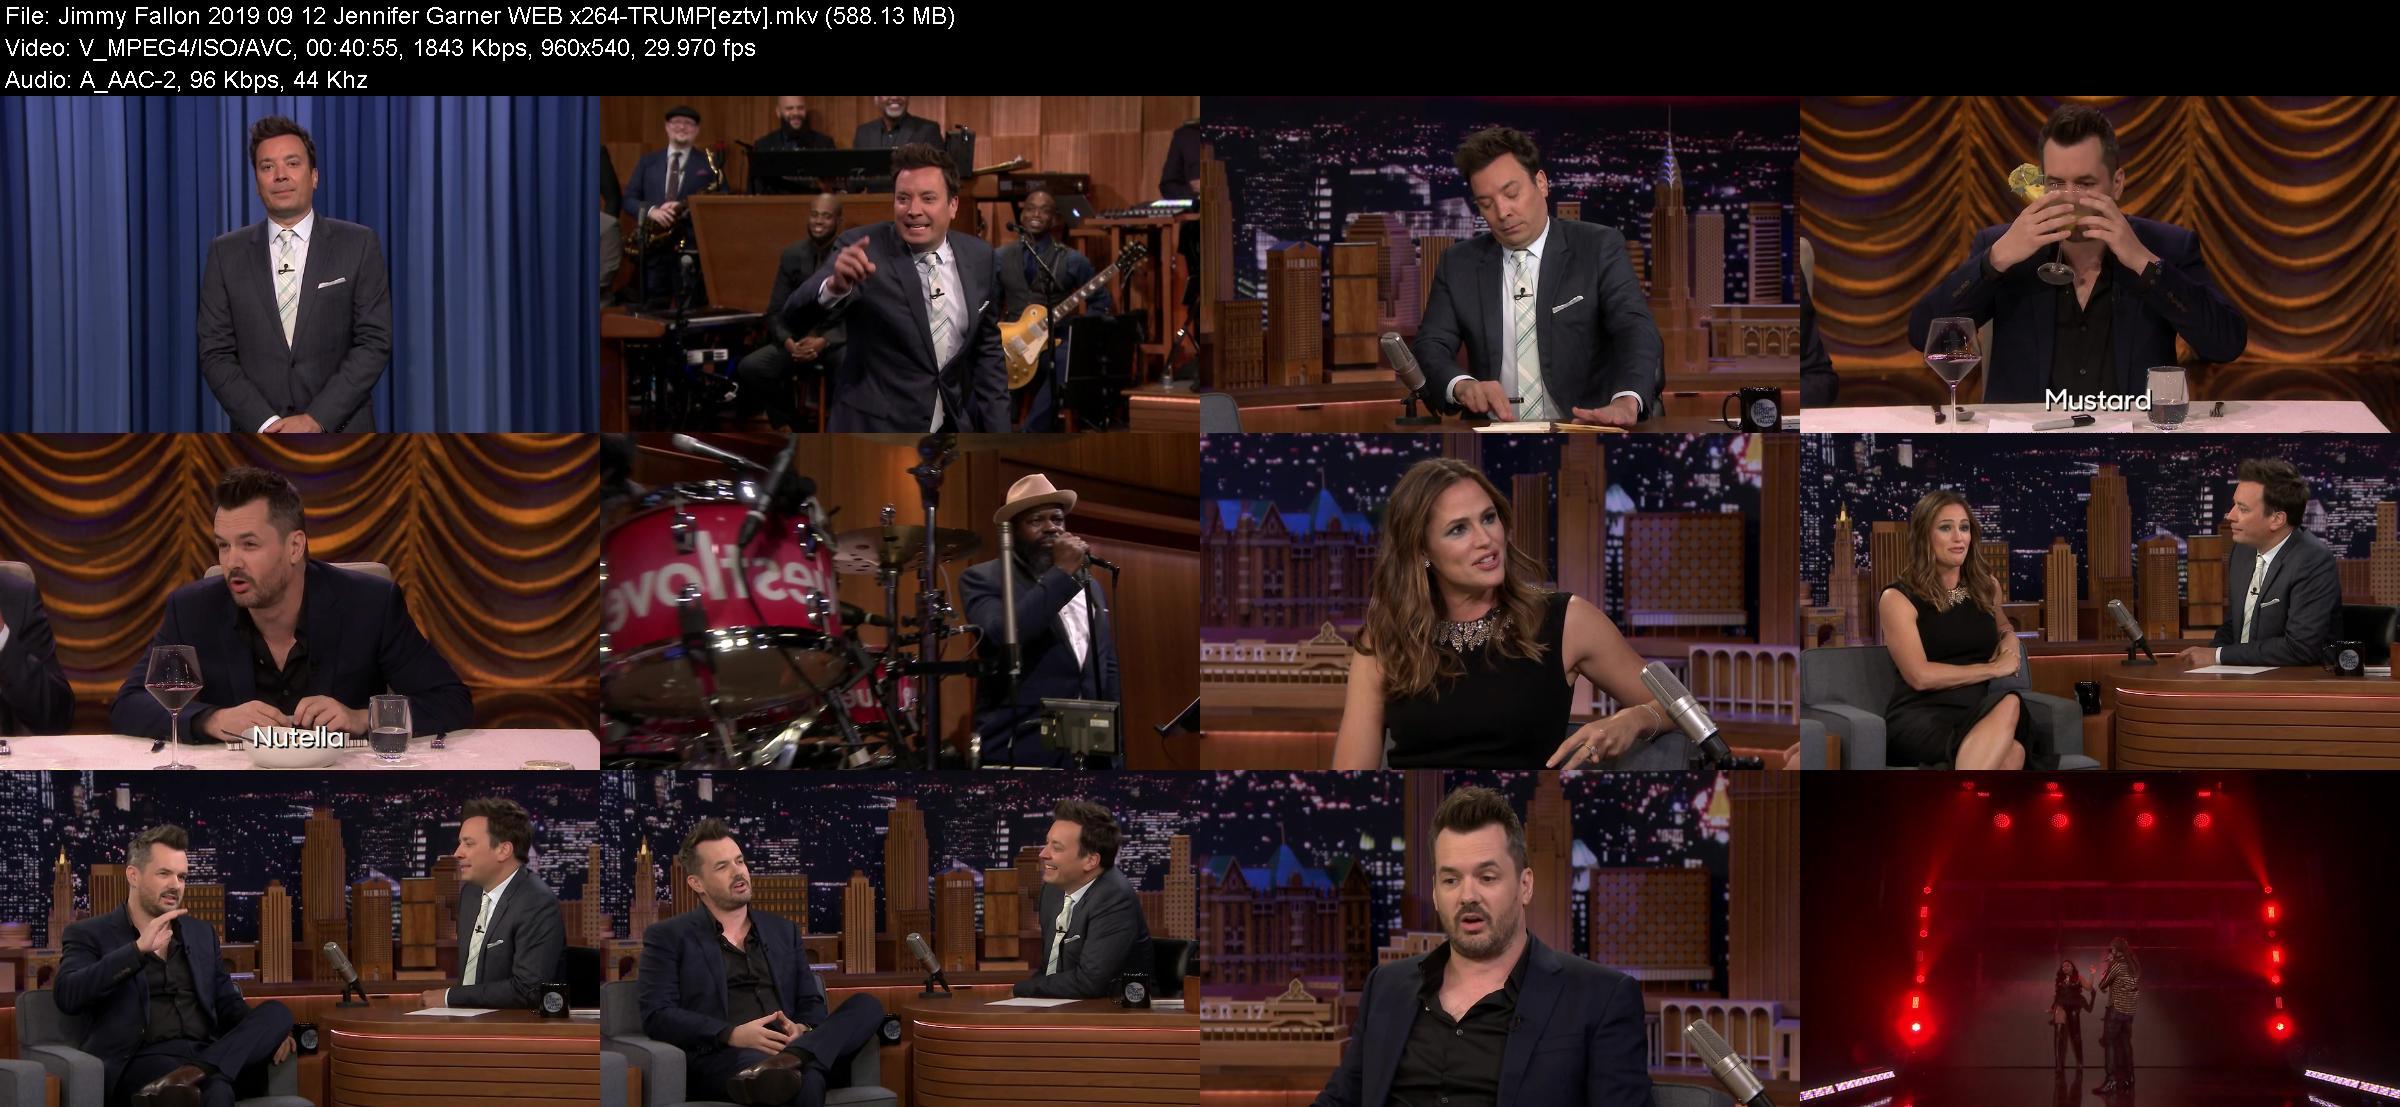 Jimmy Fallon 2019 09 12 Jennifer Garner WEB x264-TRUMP